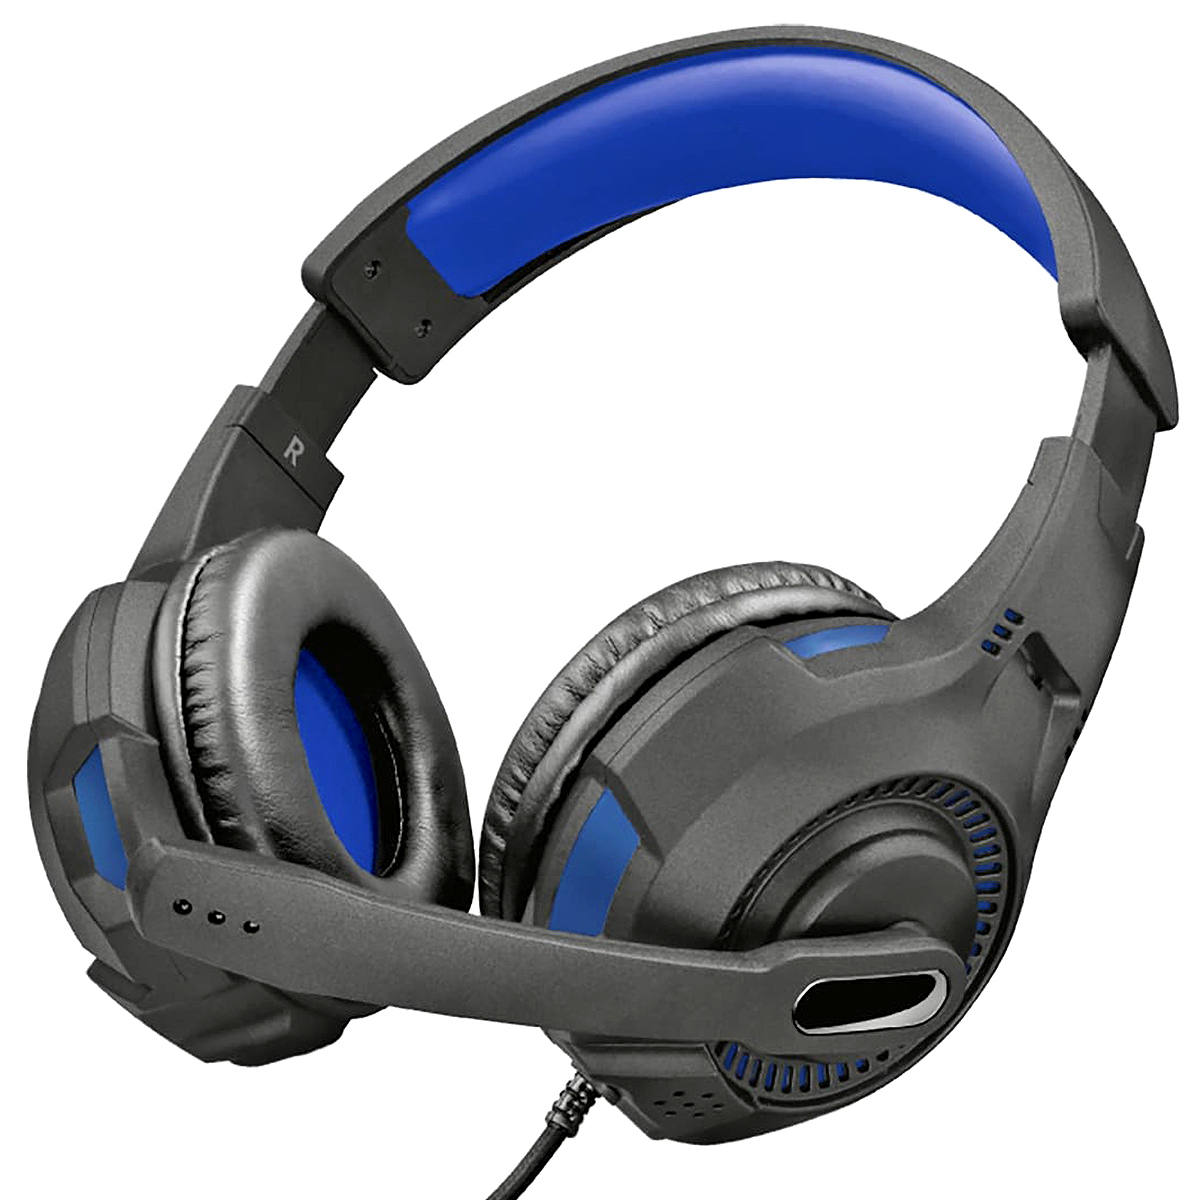 Fone de Ouvido para PS4 / PS5 com Microfone Dobrável Som Estéreo Trust GXT 307B Ravu Gaming Headset